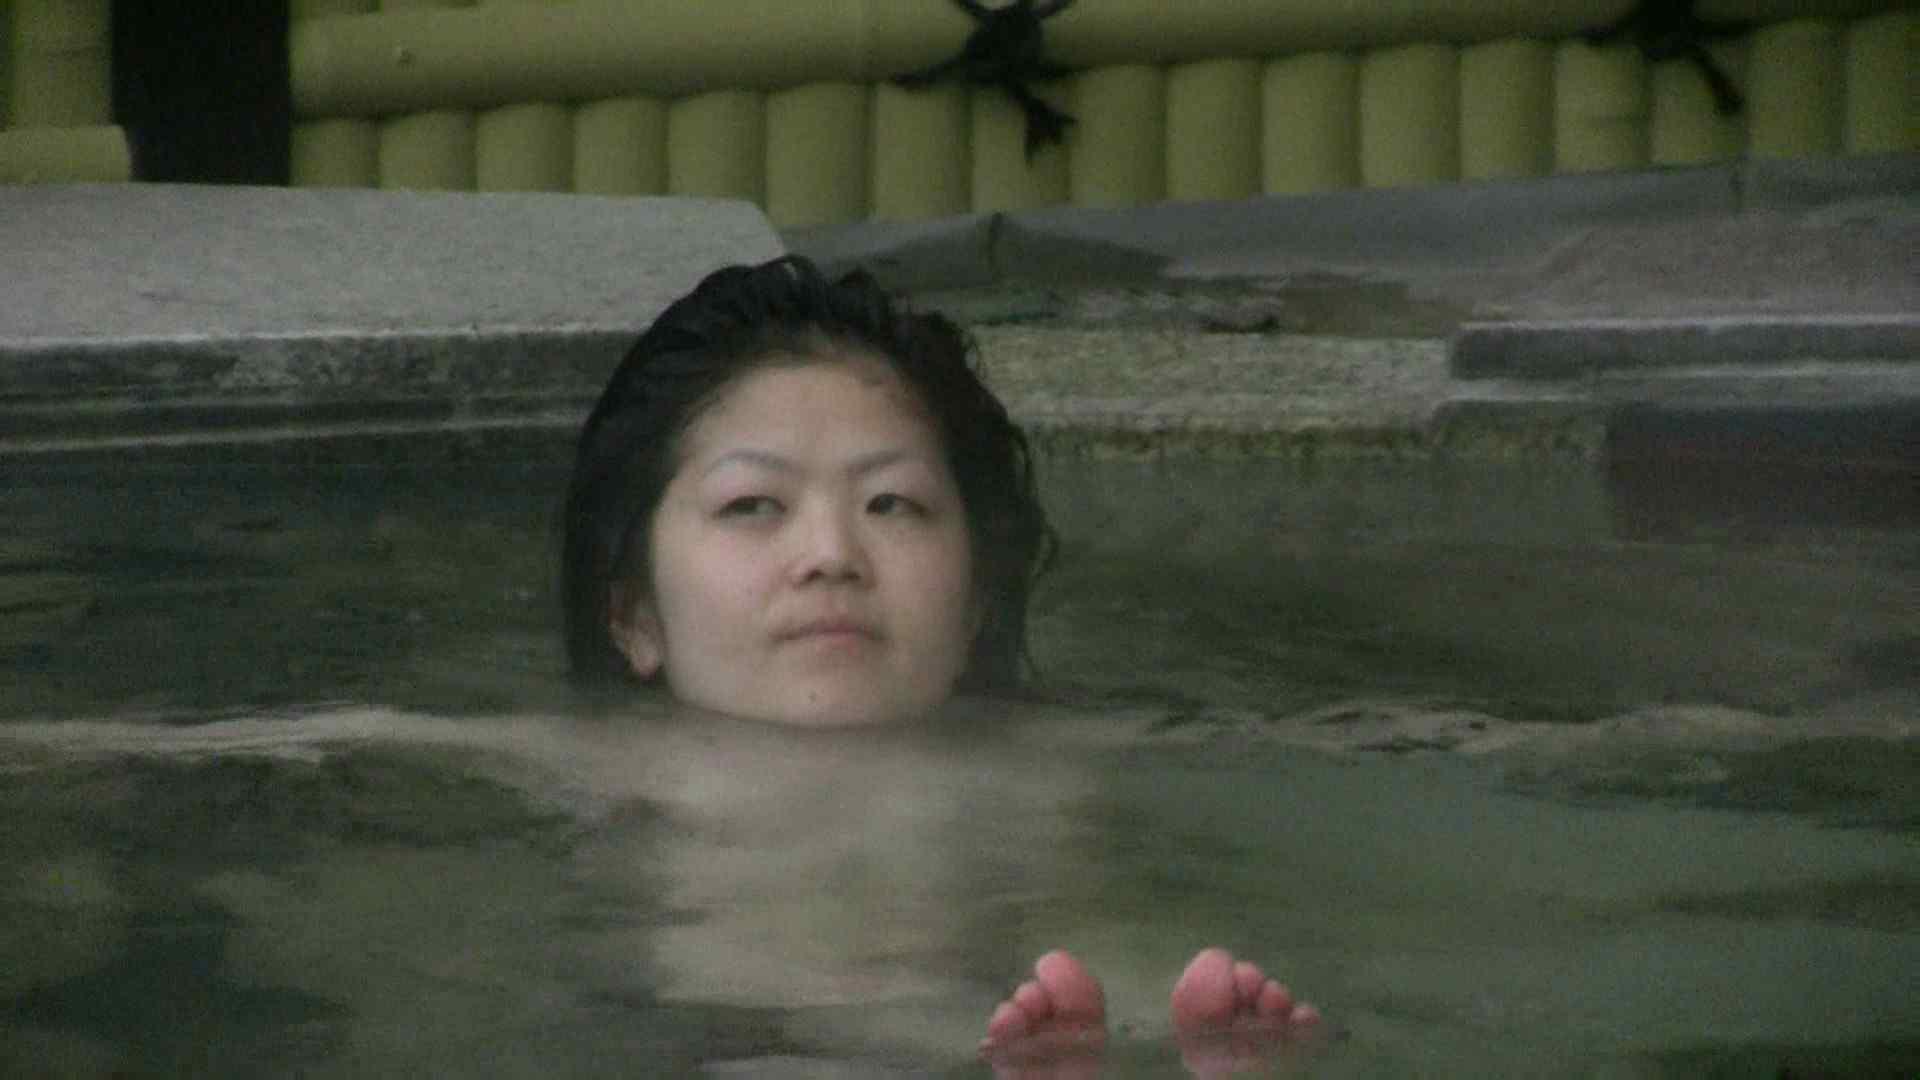 Aquaな露天風呂Vol.538 OLのエロ生活  90連発 78